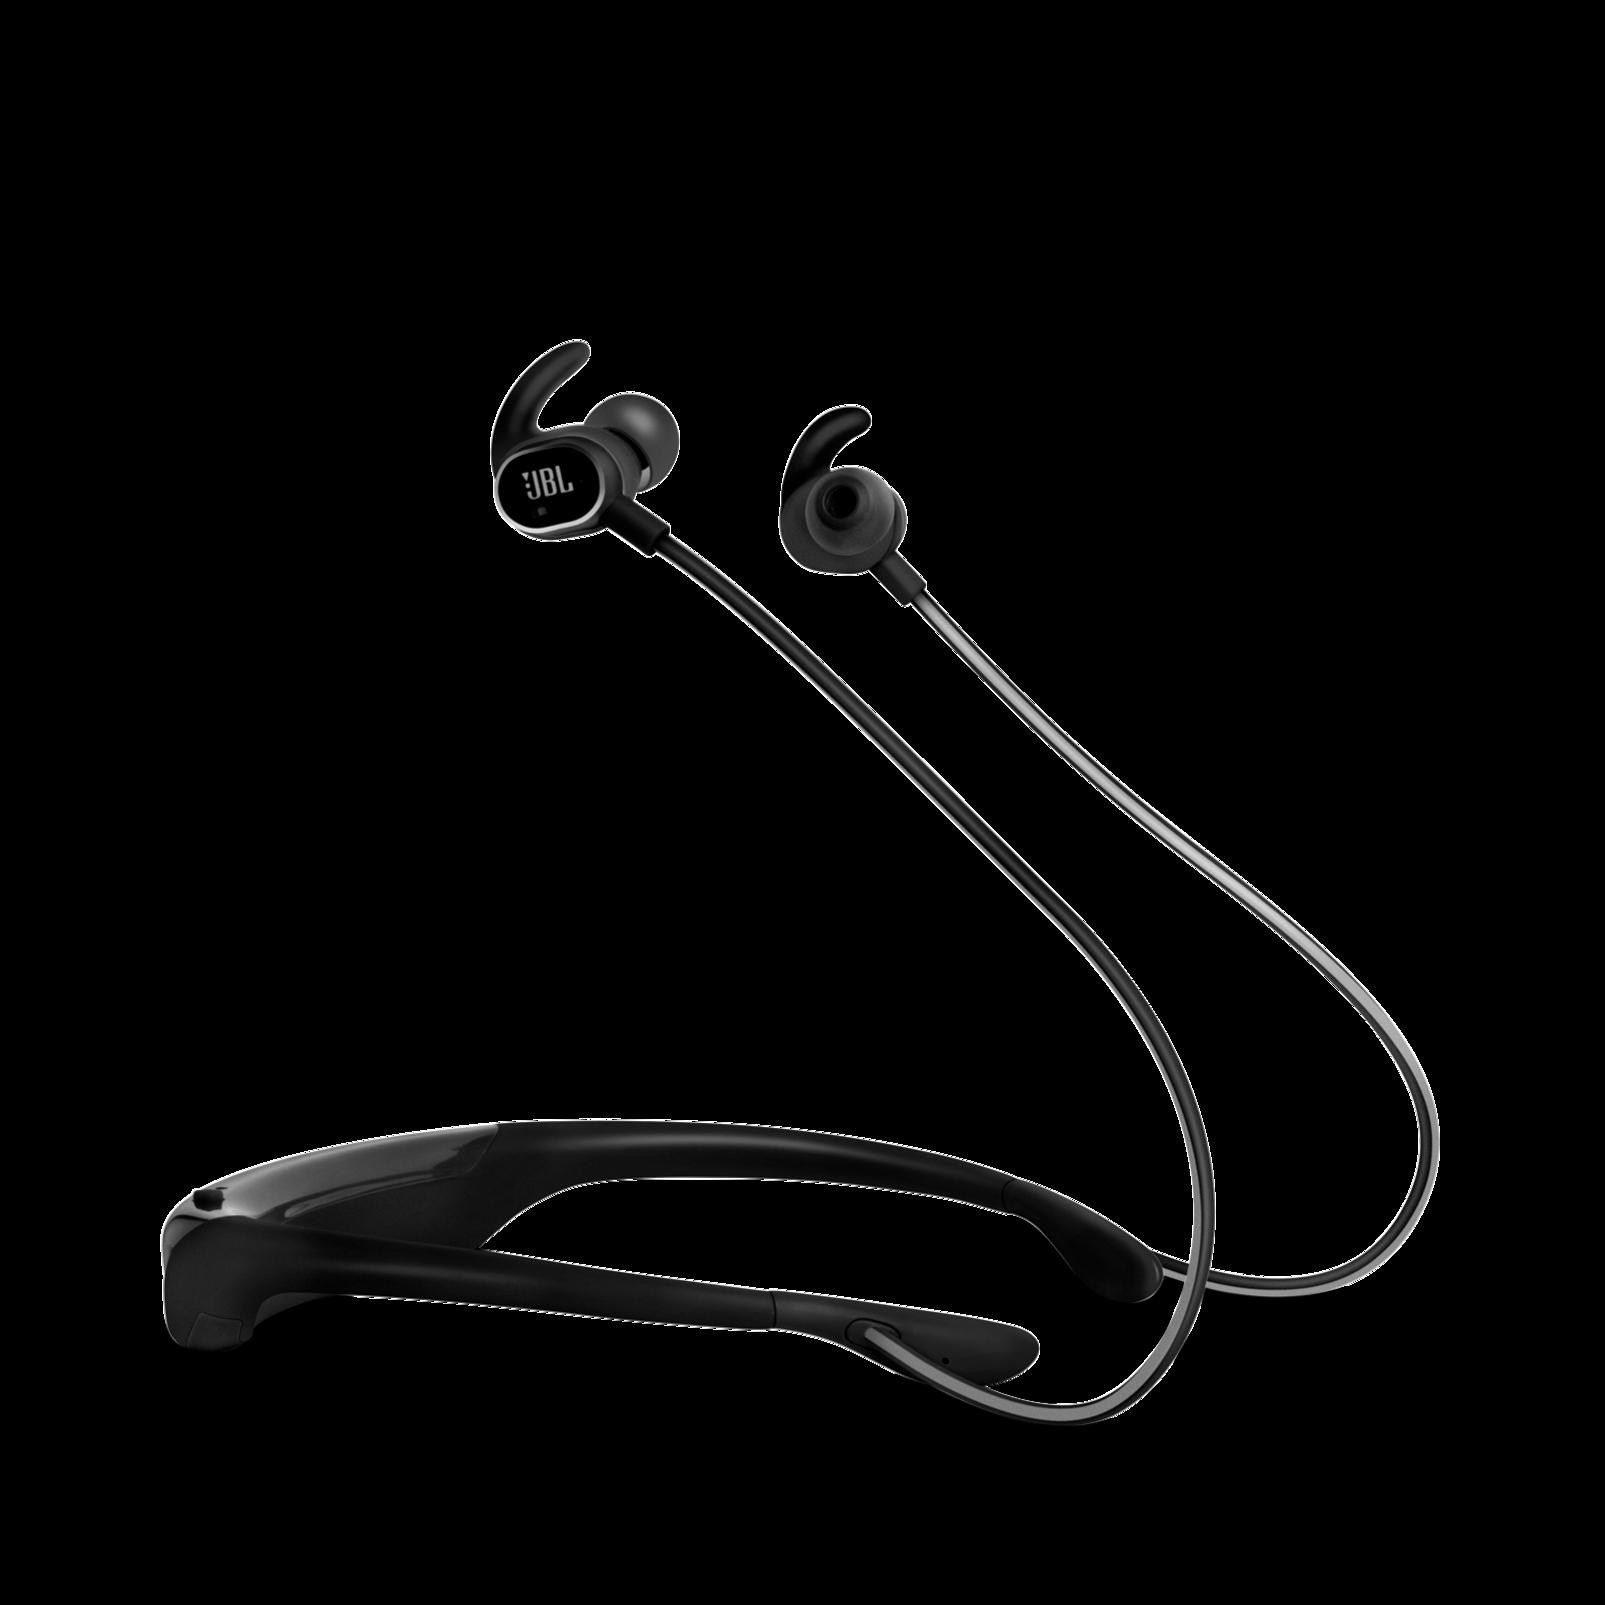 Icom Earphone w//Throat Mic Headset f//M72 M88 /& GM1600